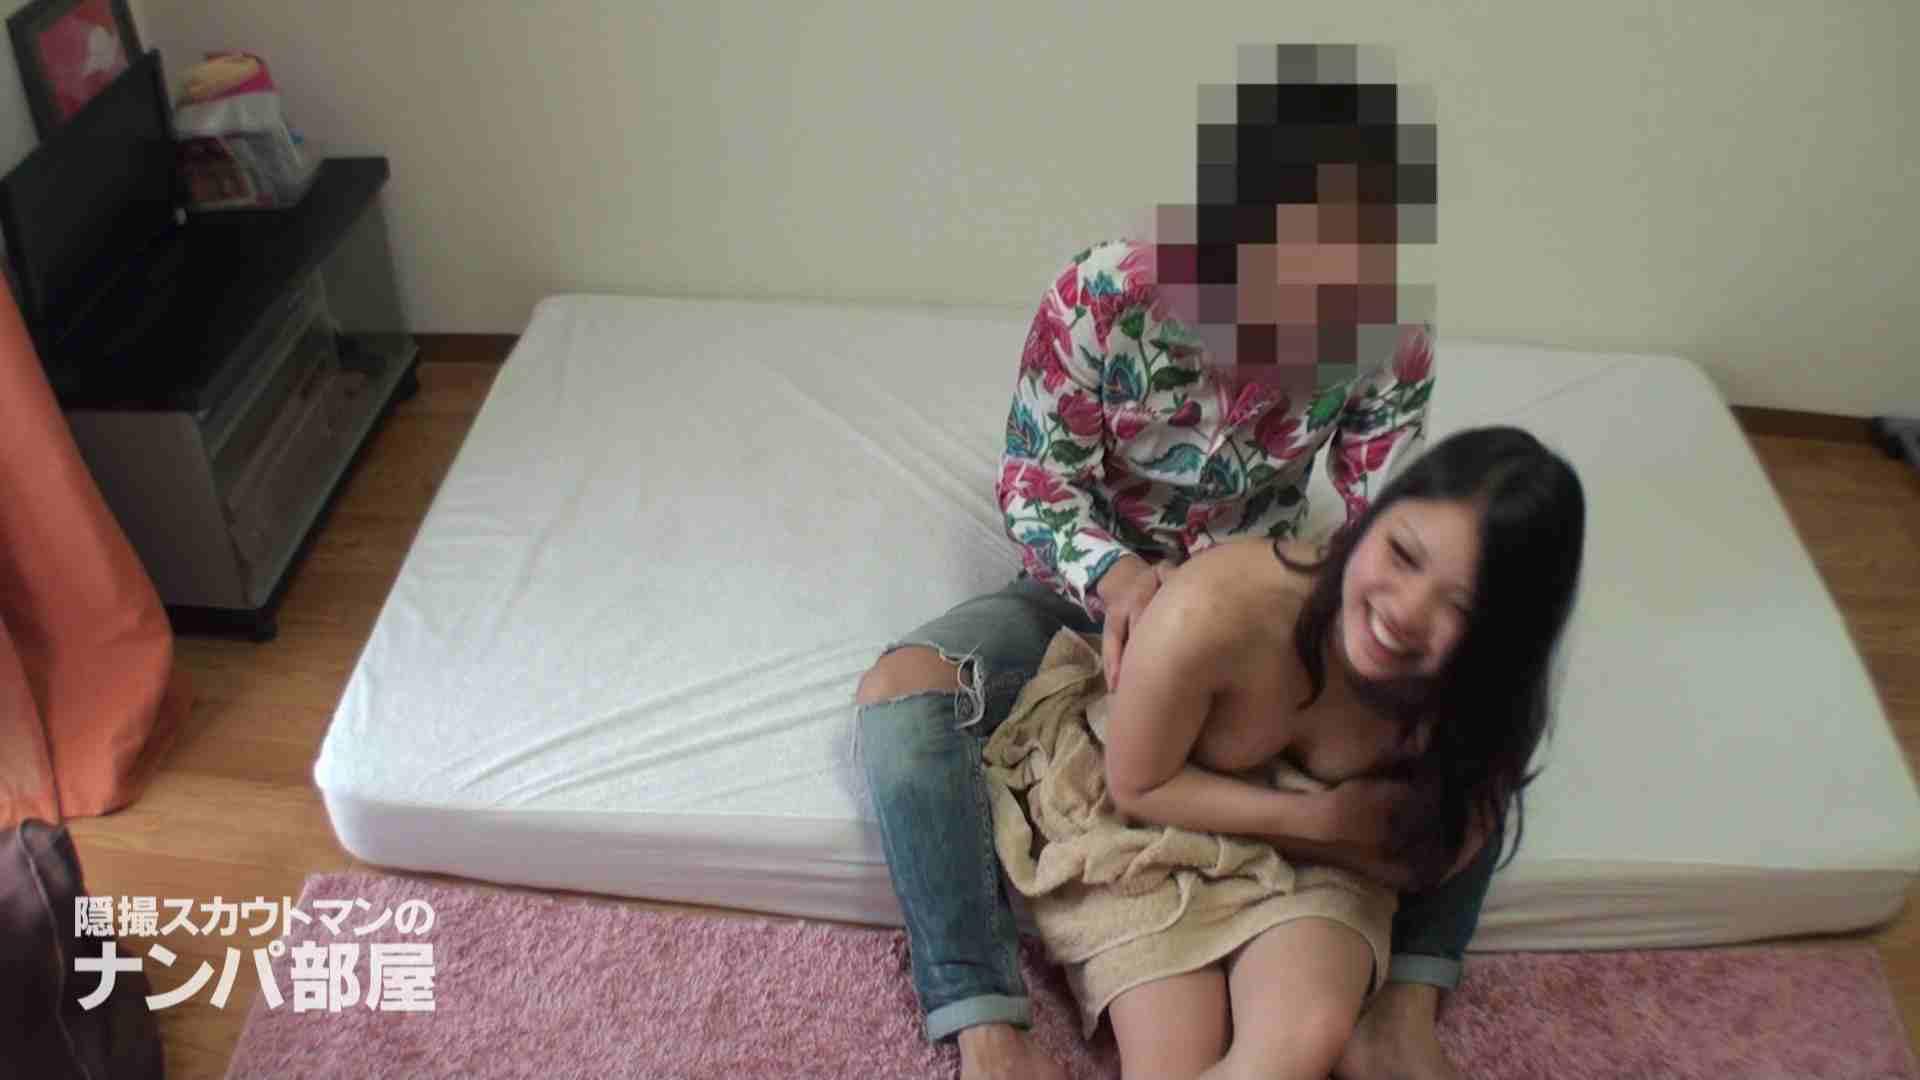 隠撮スカウトマンのナンパ部屋~風俗デビュー前のつまみ食い~hanavol.2 ナンパ オマンコ動画キャプチャ 106pic 83